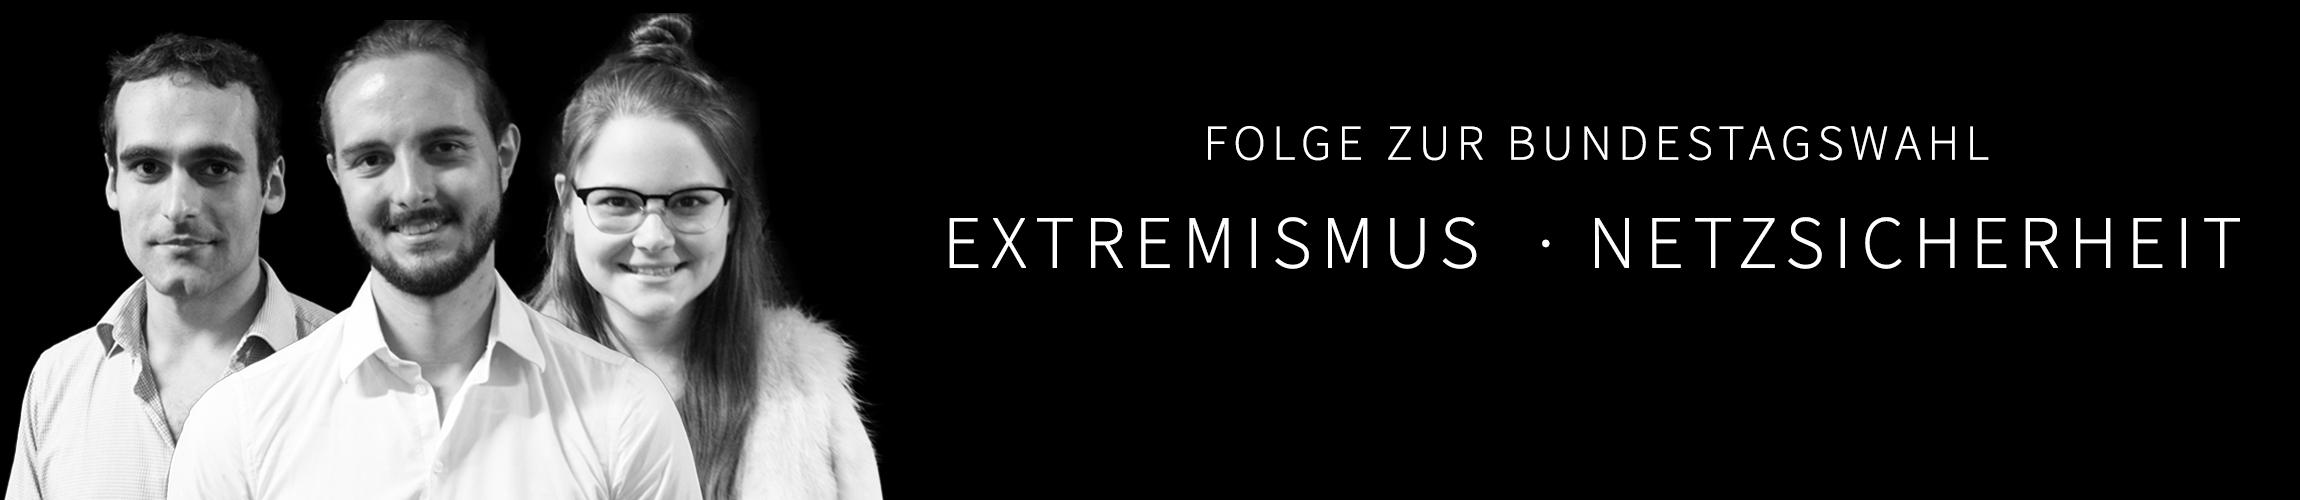 glaube oder extremismus